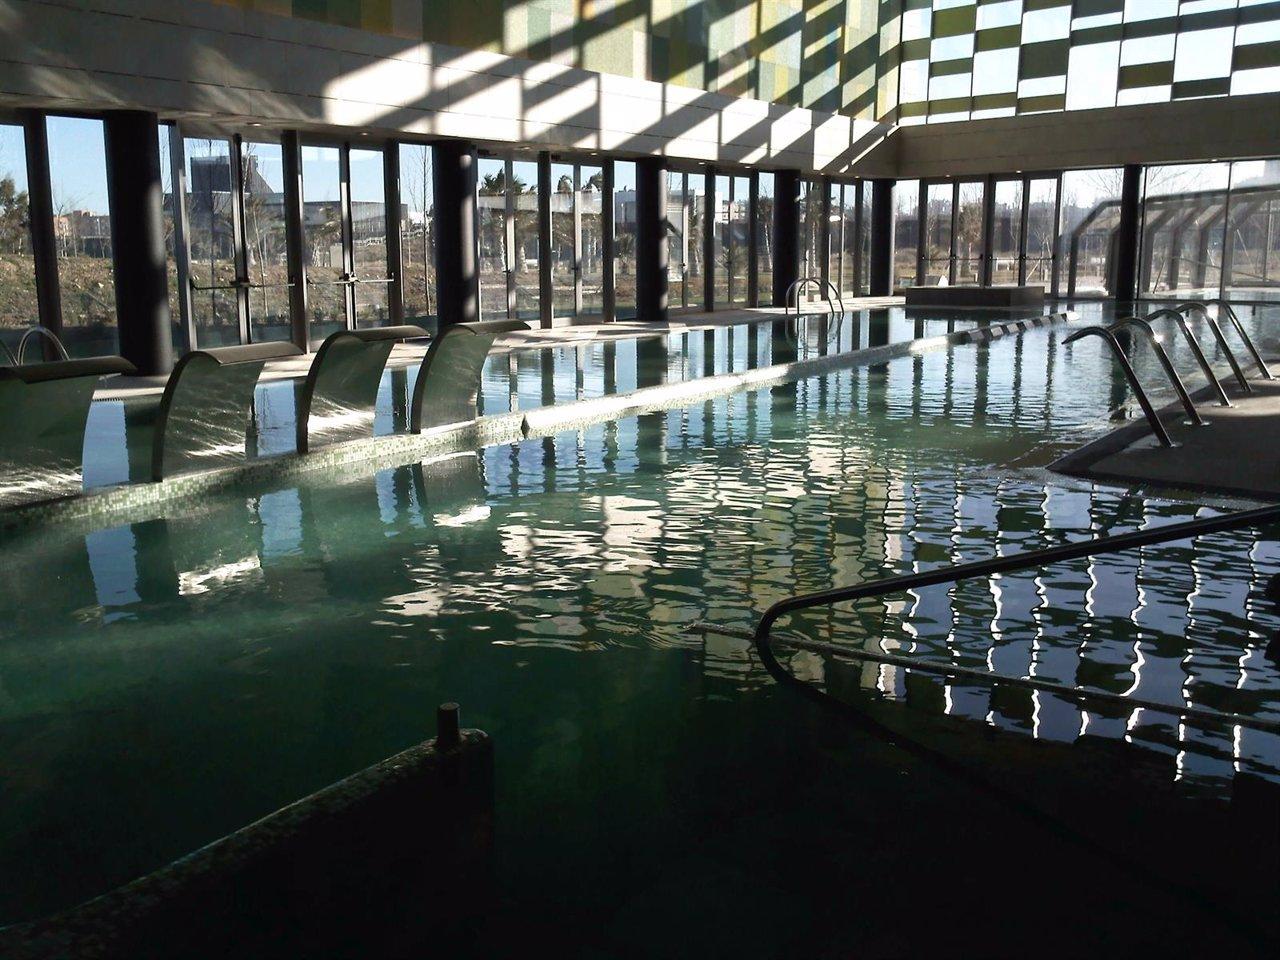 Comienza la nueva temporada de las piscinas cubiertas for Piscina siglo xxi